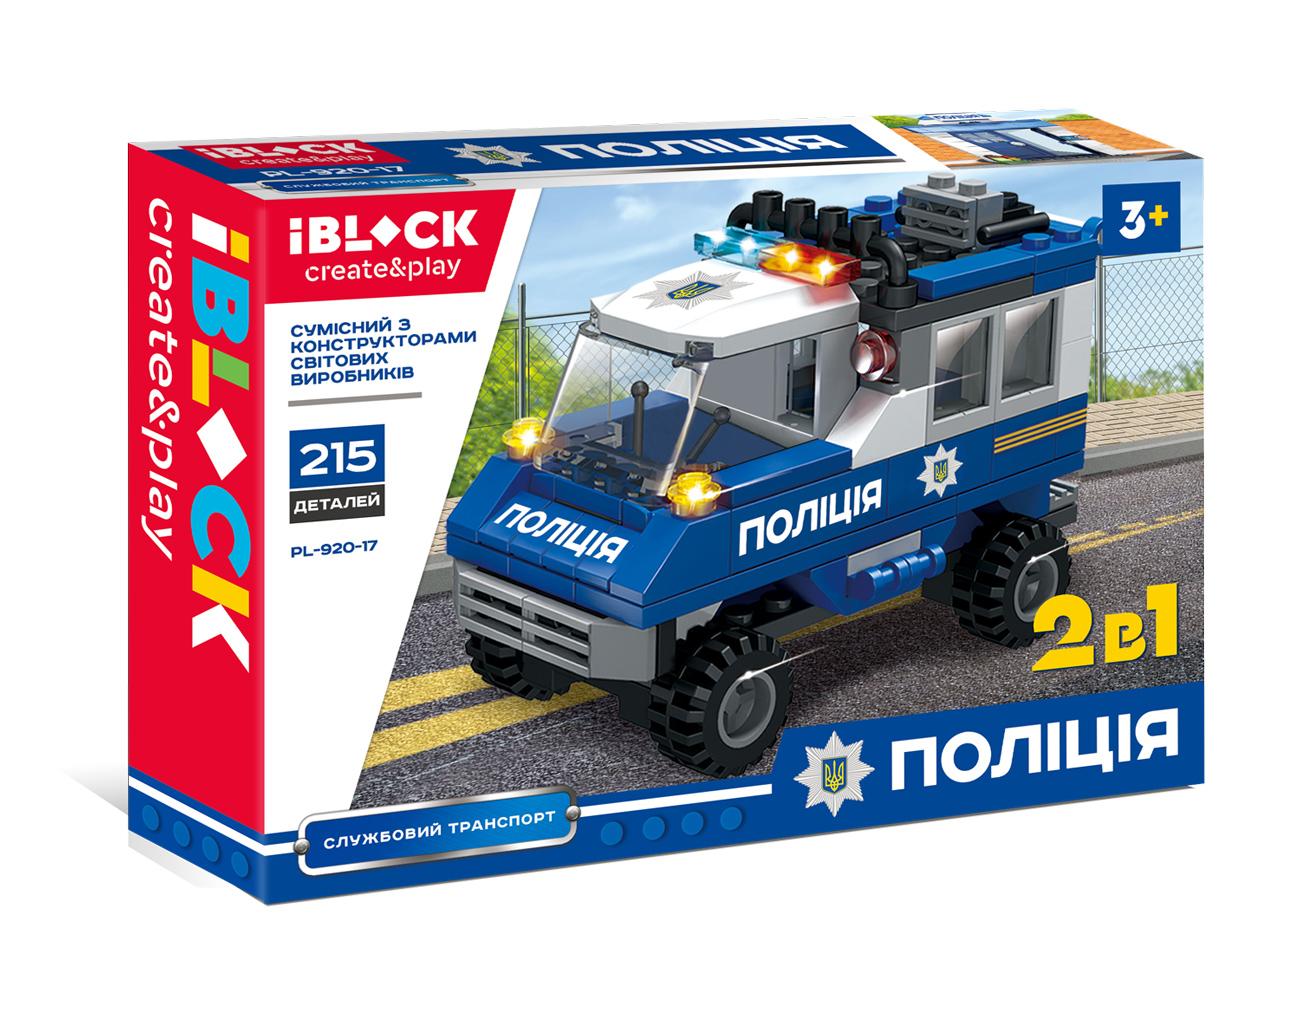 Конструктор IBLOCK Поліція PL-920-17